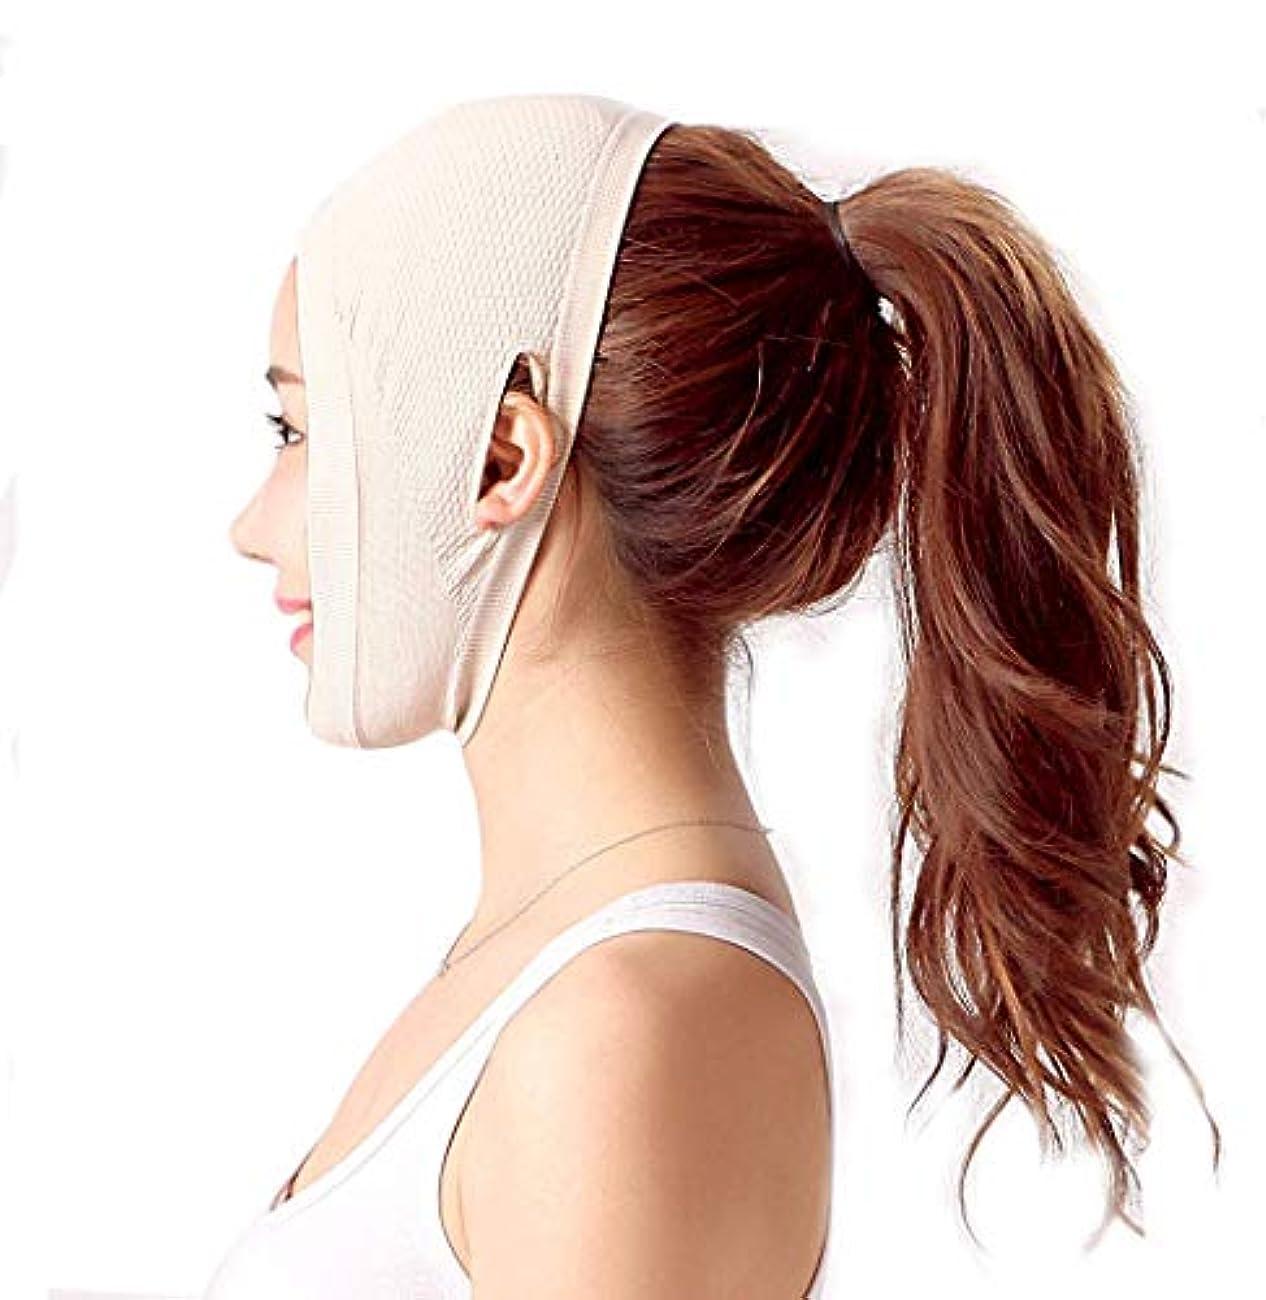 内陸チャーム思春期整形外科手術後の回復ヘッドギア医療マスク睡眠Vフェイスリフティング包帯薄いフェイスマスク(サイズ:肌の色(A)),肌の色調(A)